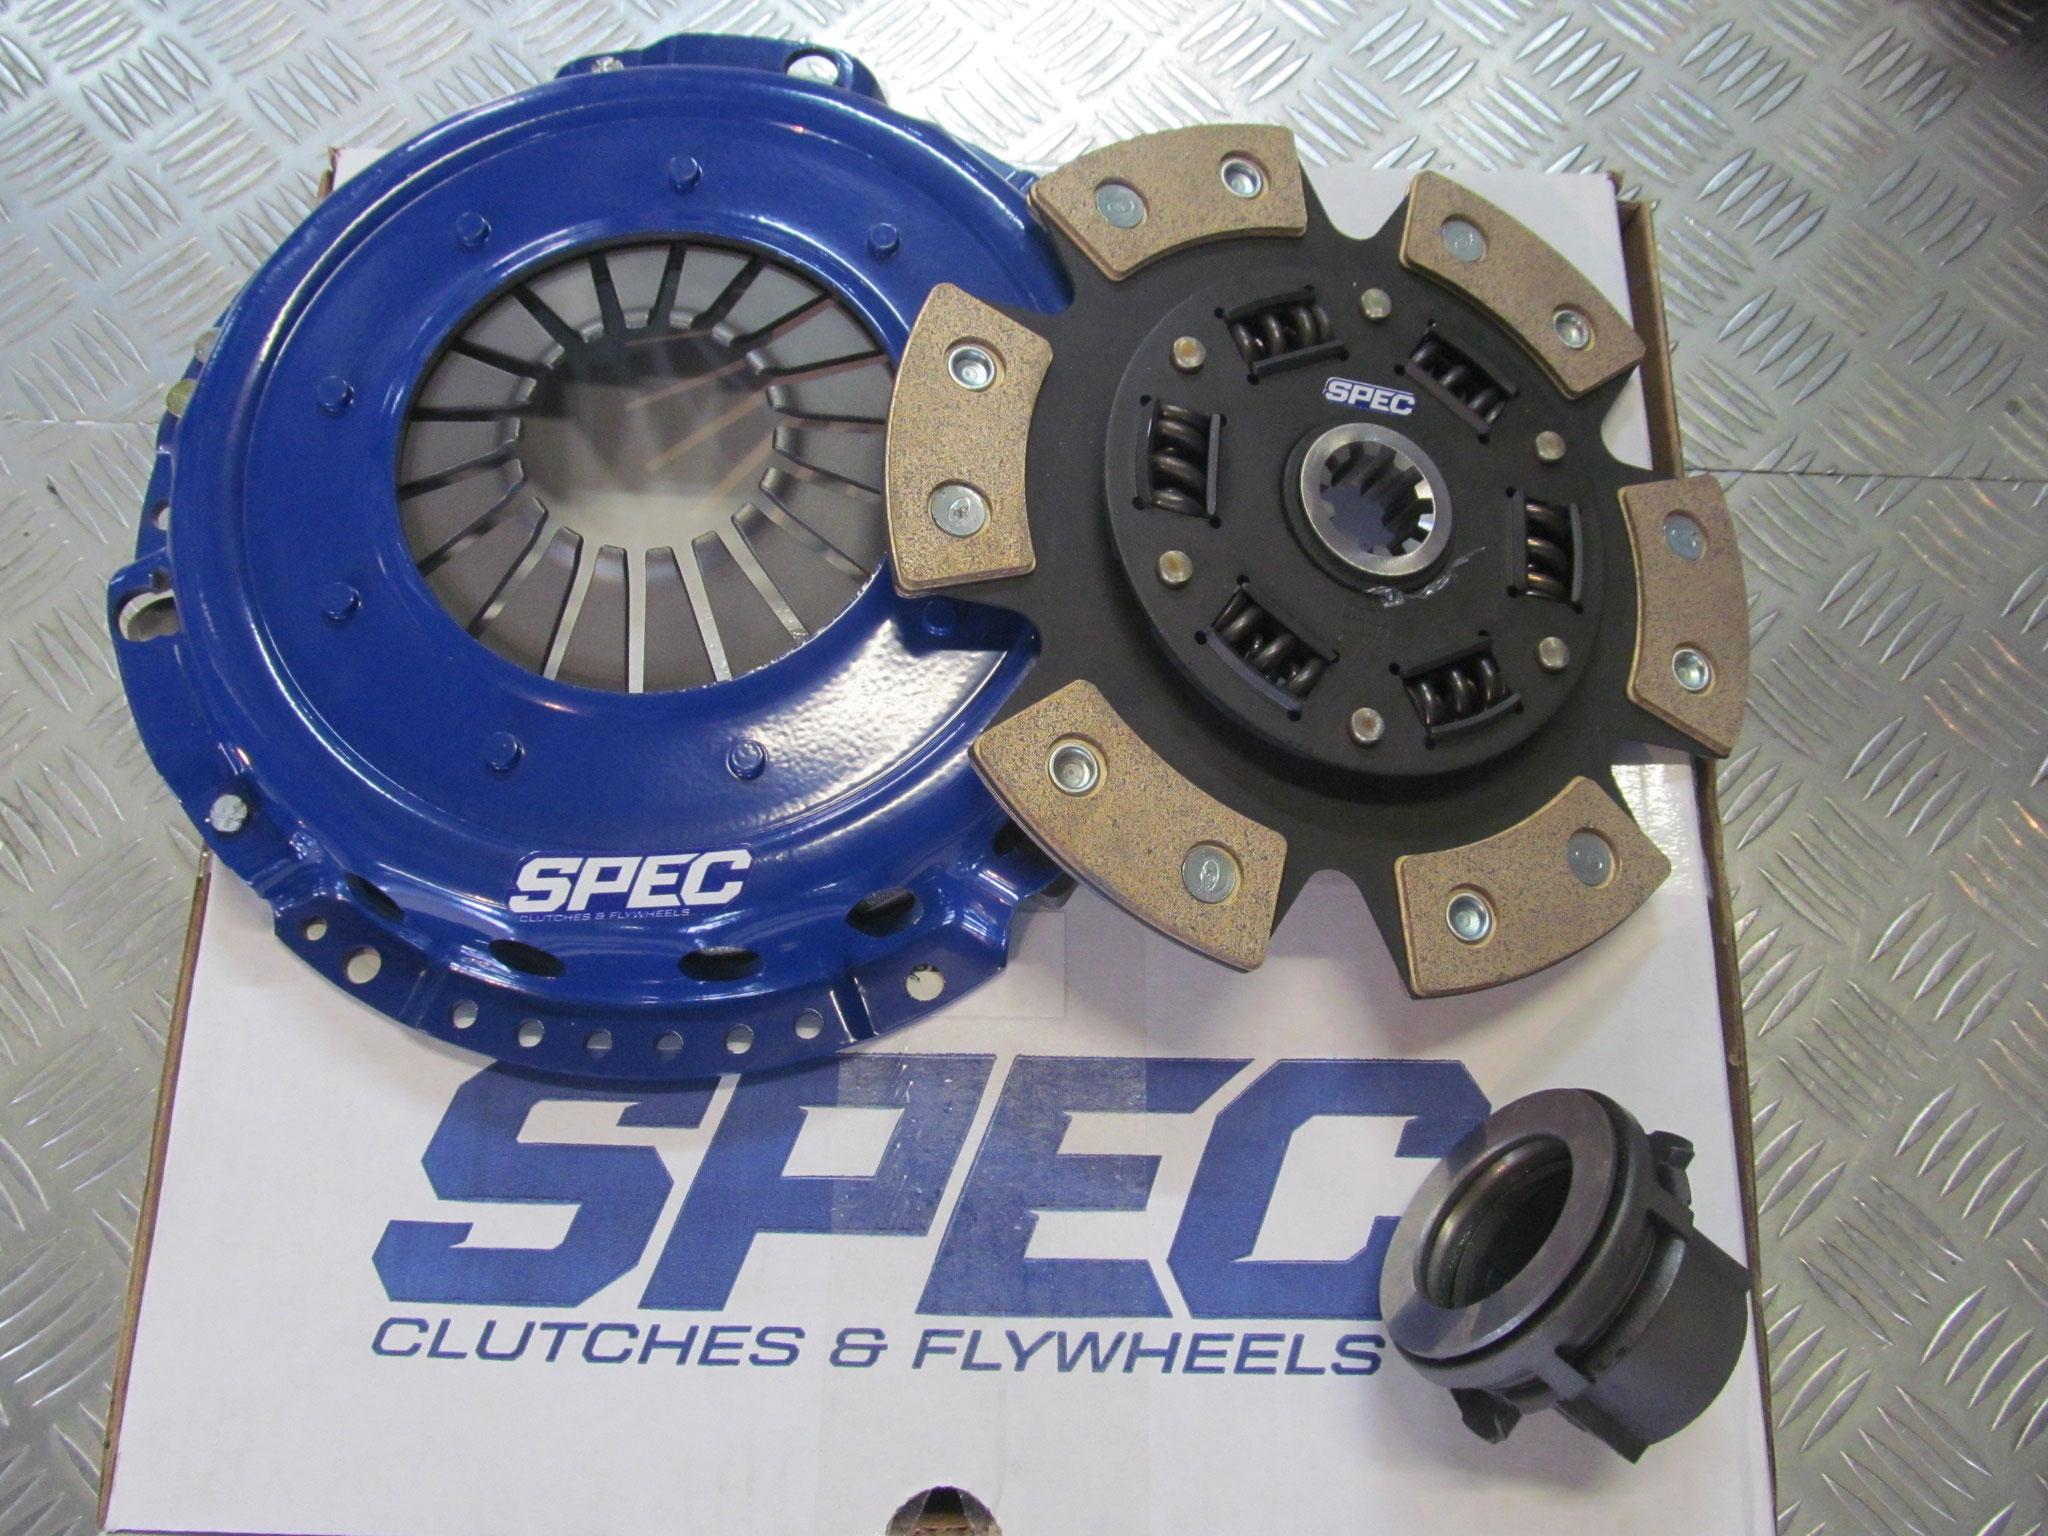 M20 M50 Spec performance race clutch